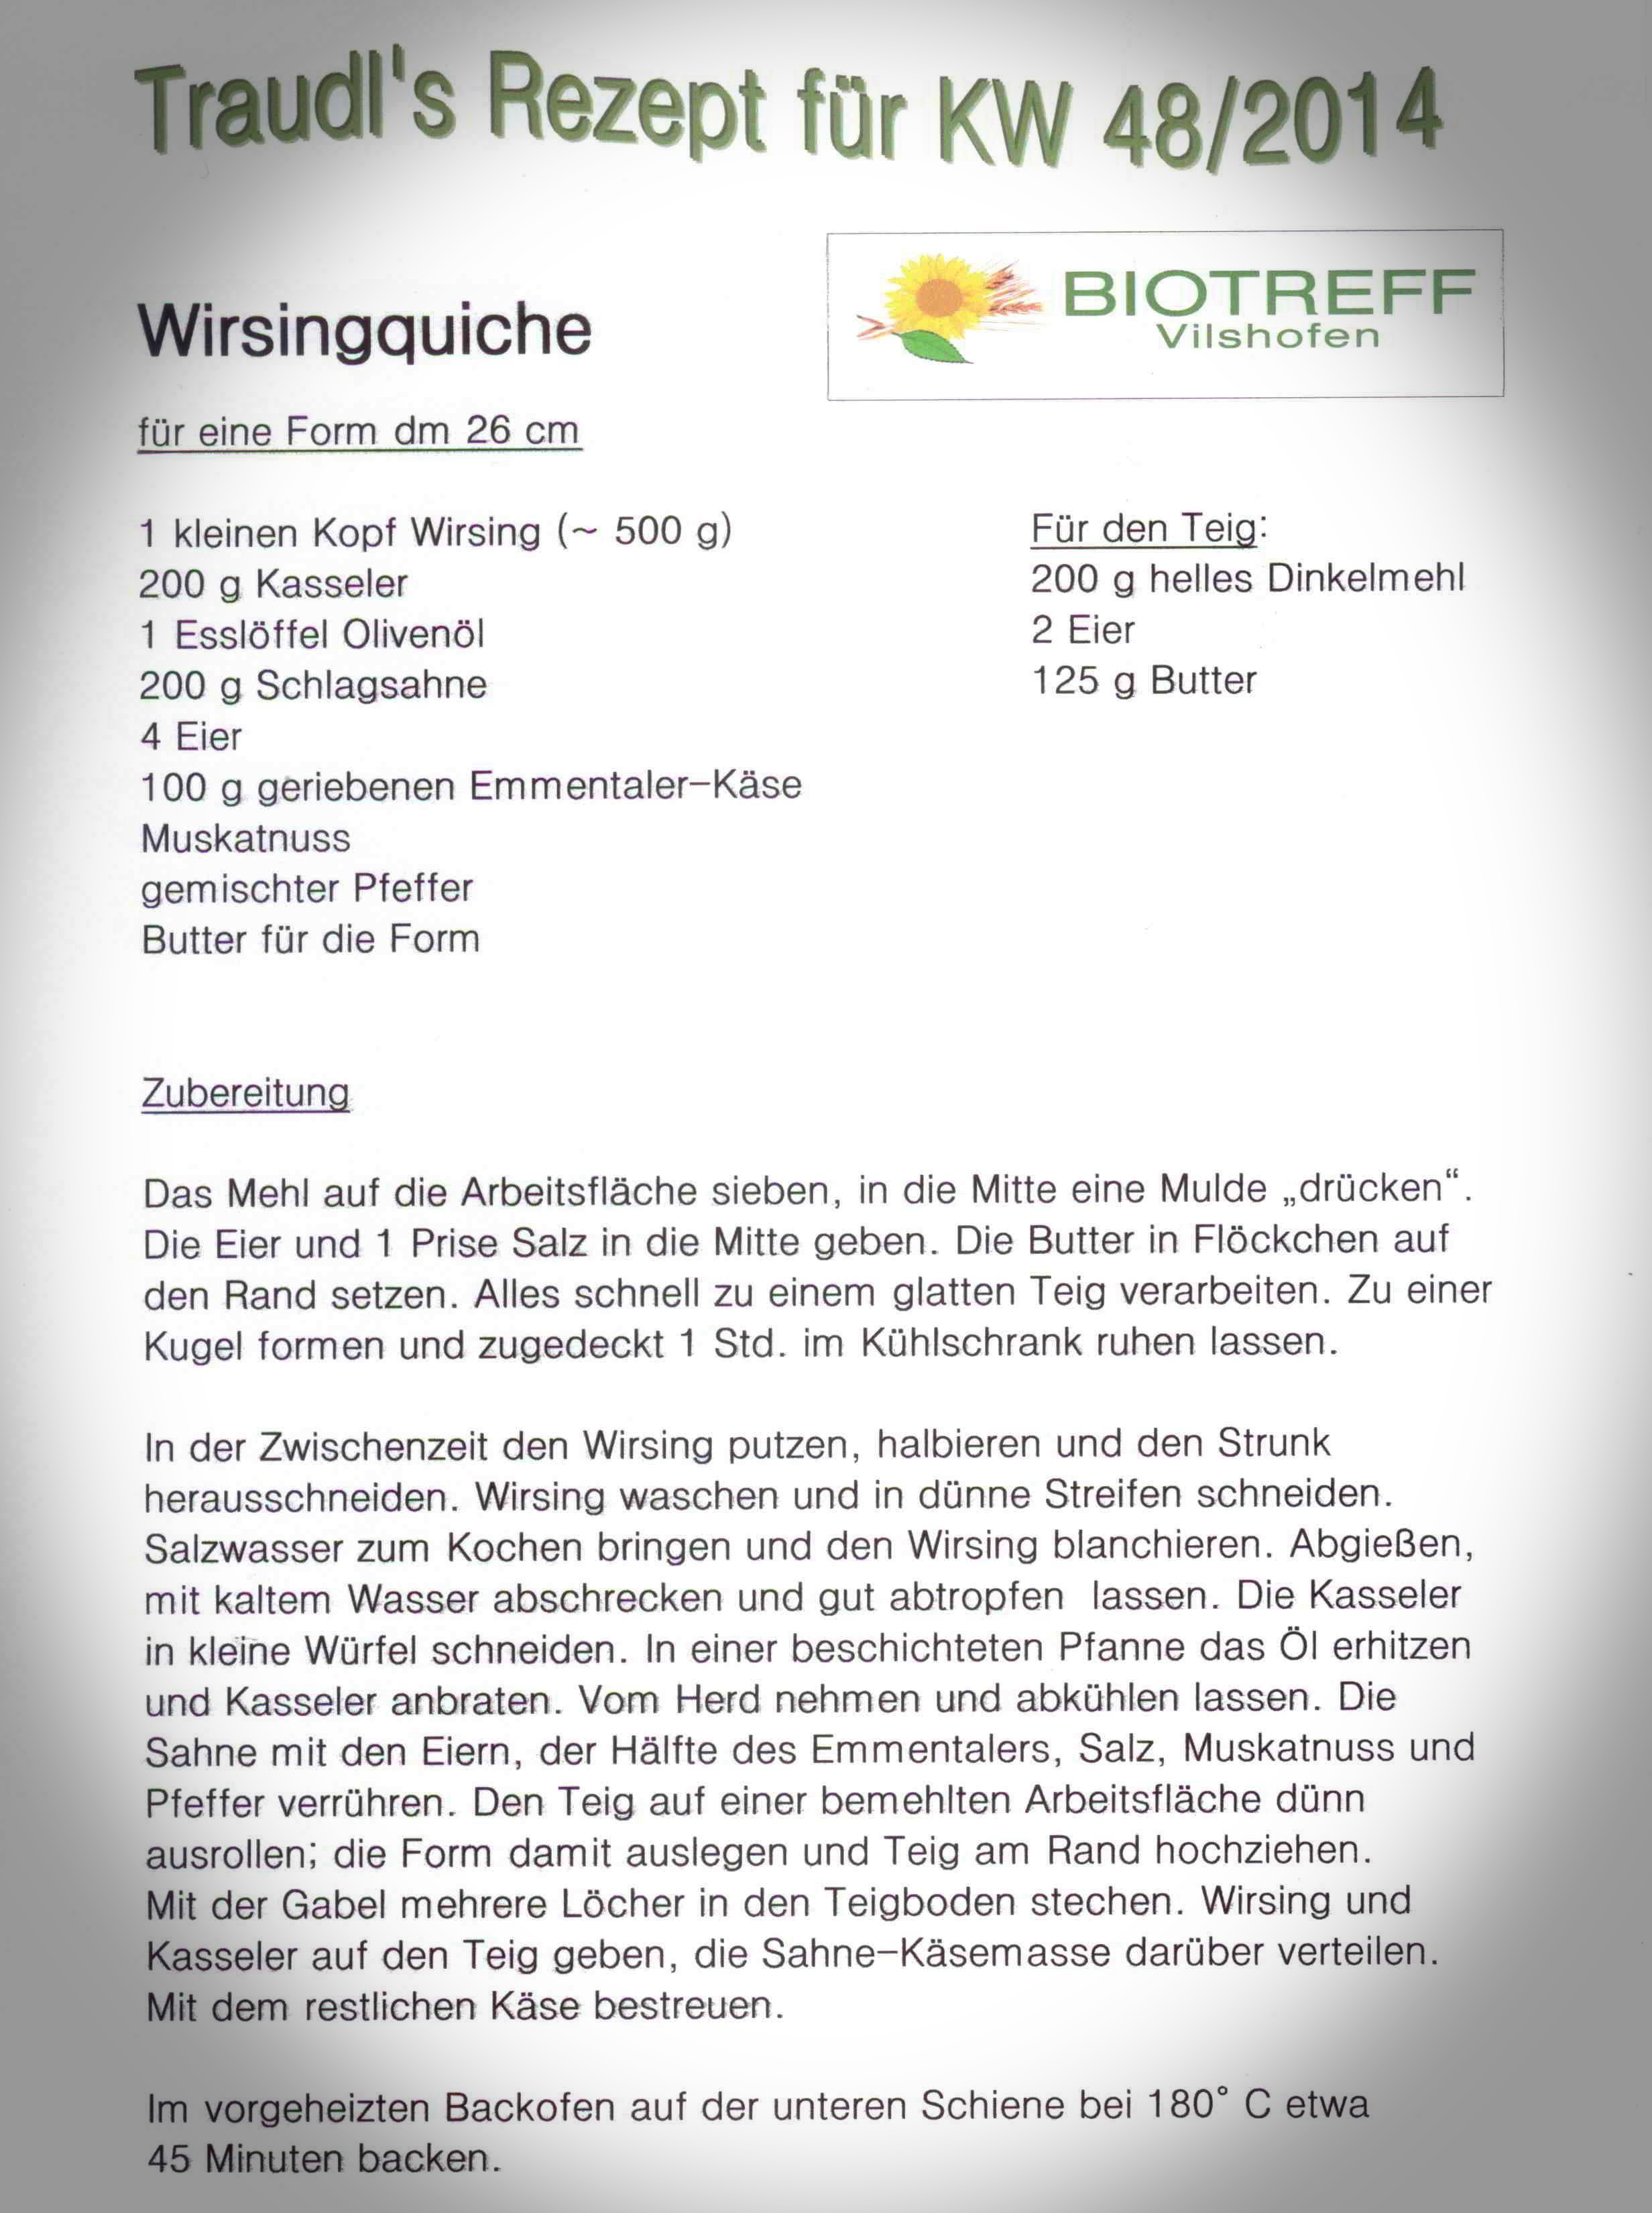 Wirsingquiche 2014 KW 48